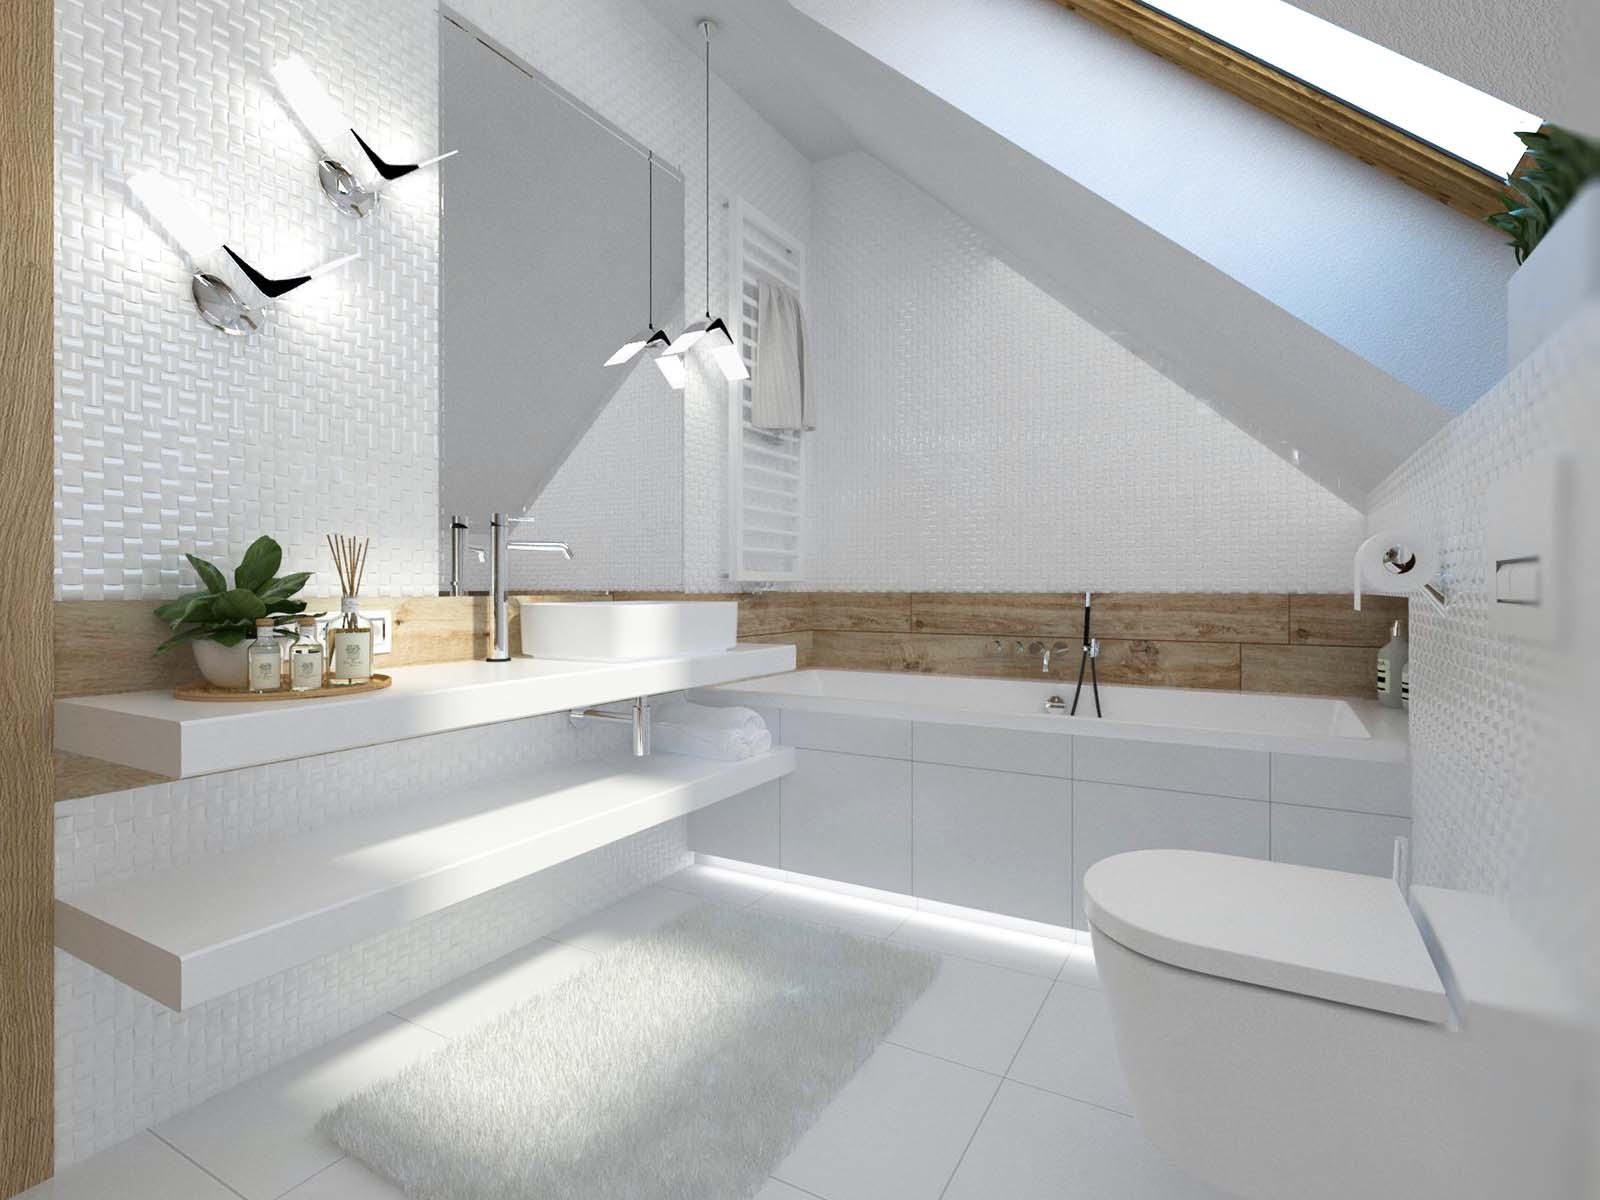 Aranżacja łazienki Katowice Projektowanie Aranżacja Wnętrz